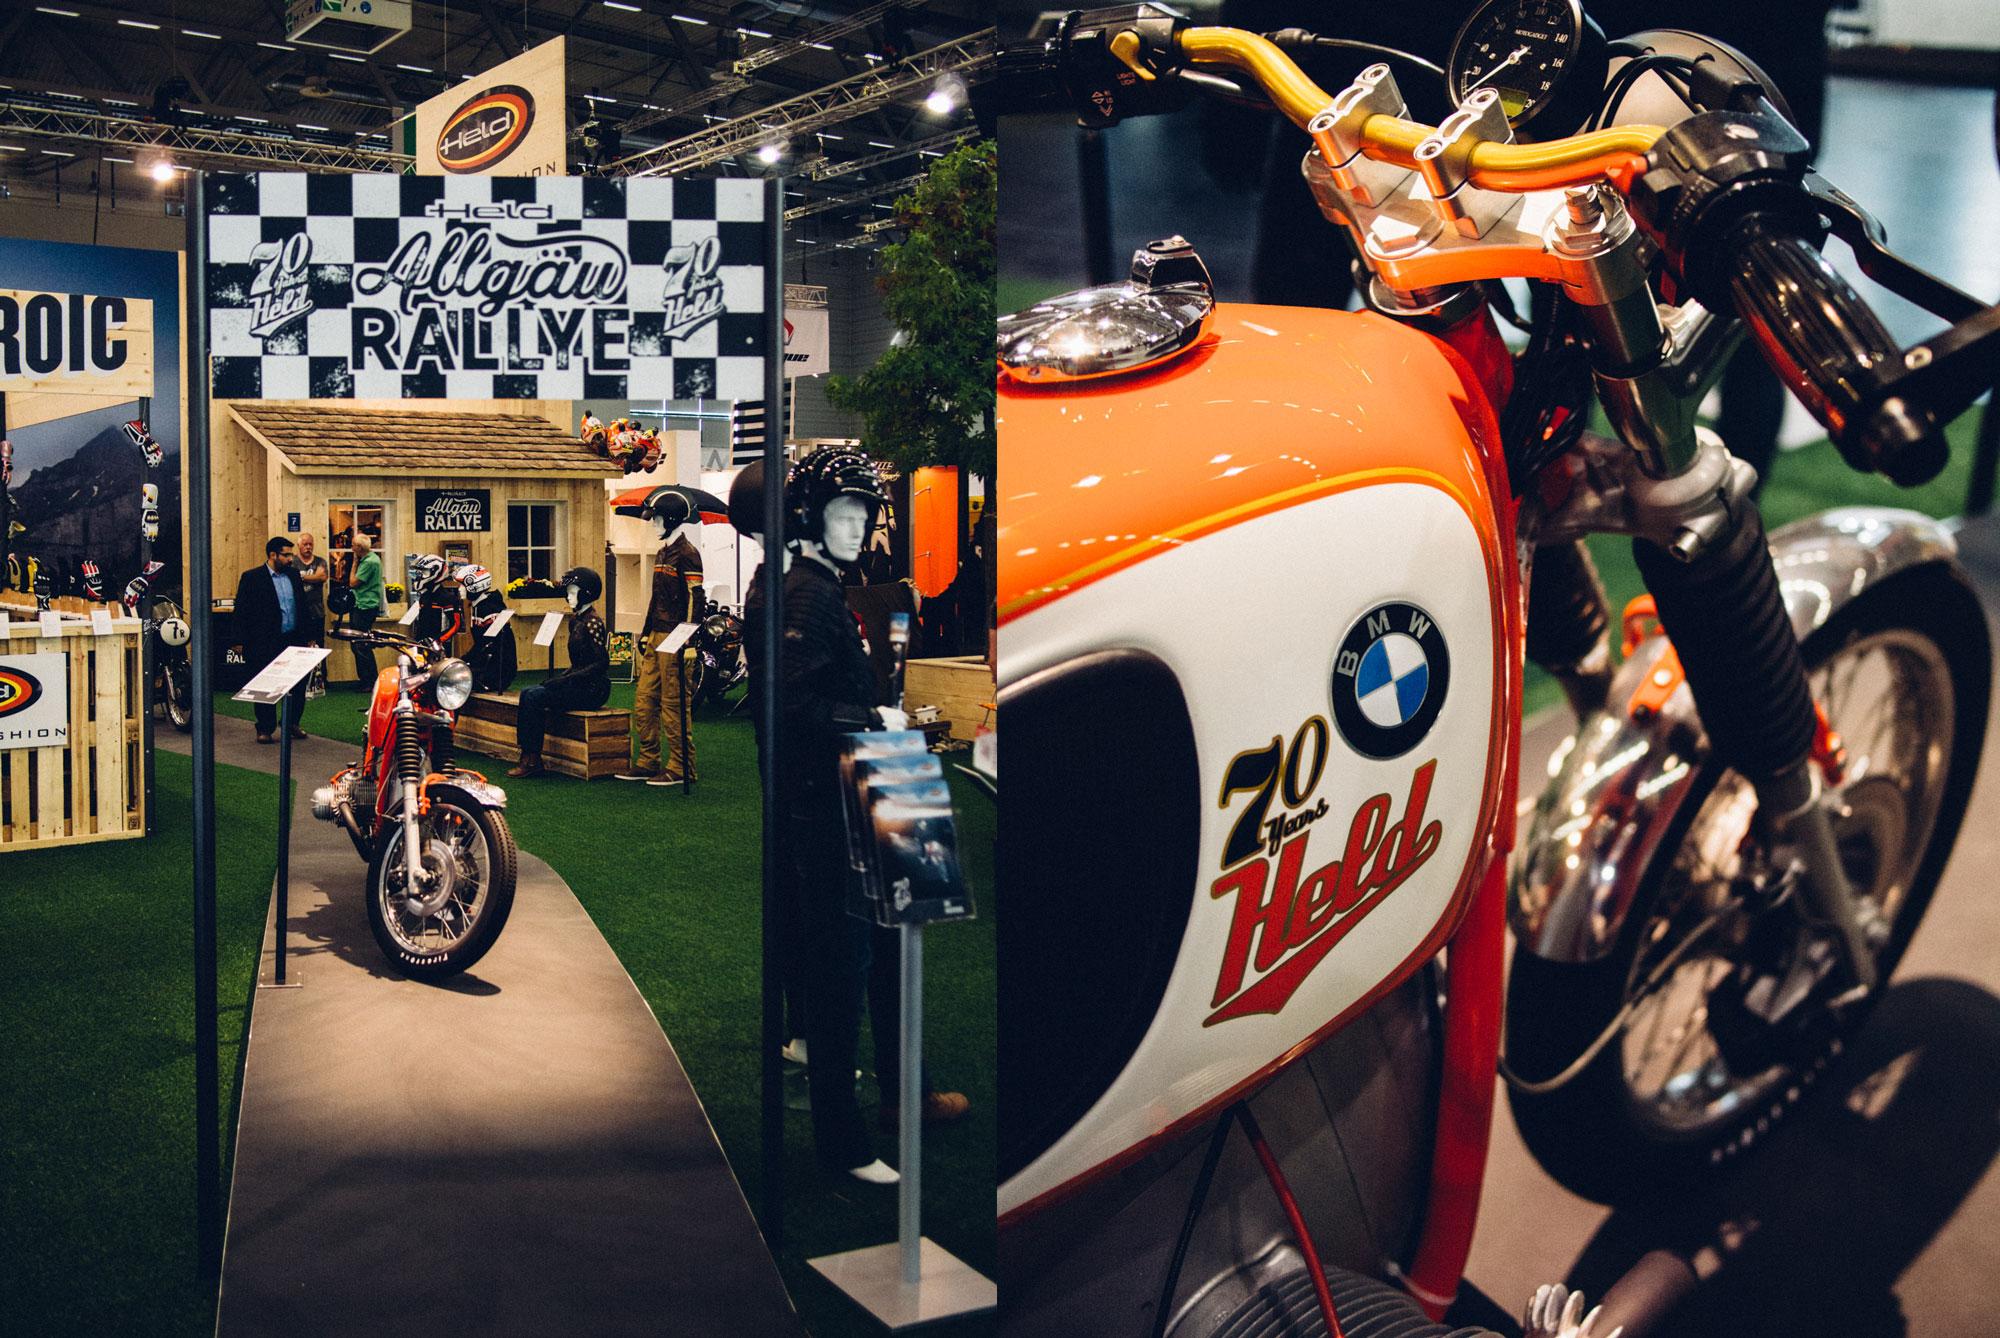 Ein Zwei Fotos des 70-Jahre-Held-Messestandes. Links sieht man das Gewinnspiel-Motorrad auf der Rennstrecke stehen, rechts sieht man groß den Tank der Maschine mit BMW Motorrad und HELD-Logos. Konzept und Design sind von MAJORMAJOR.